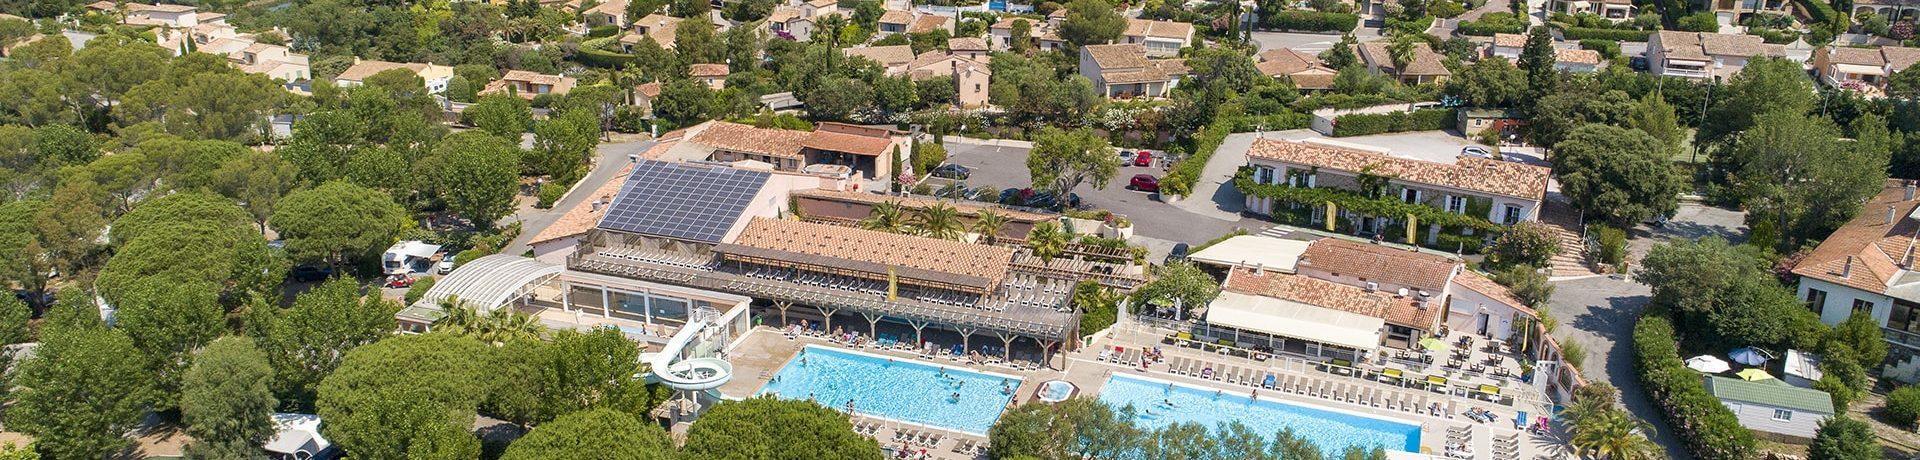 Camping Douce Quiétude is een luxe 5-sterren familiecamping met zwembad aan de voet van het Esterelgebergte aan de Côte d'Azur in Zuid-Frankrijk.